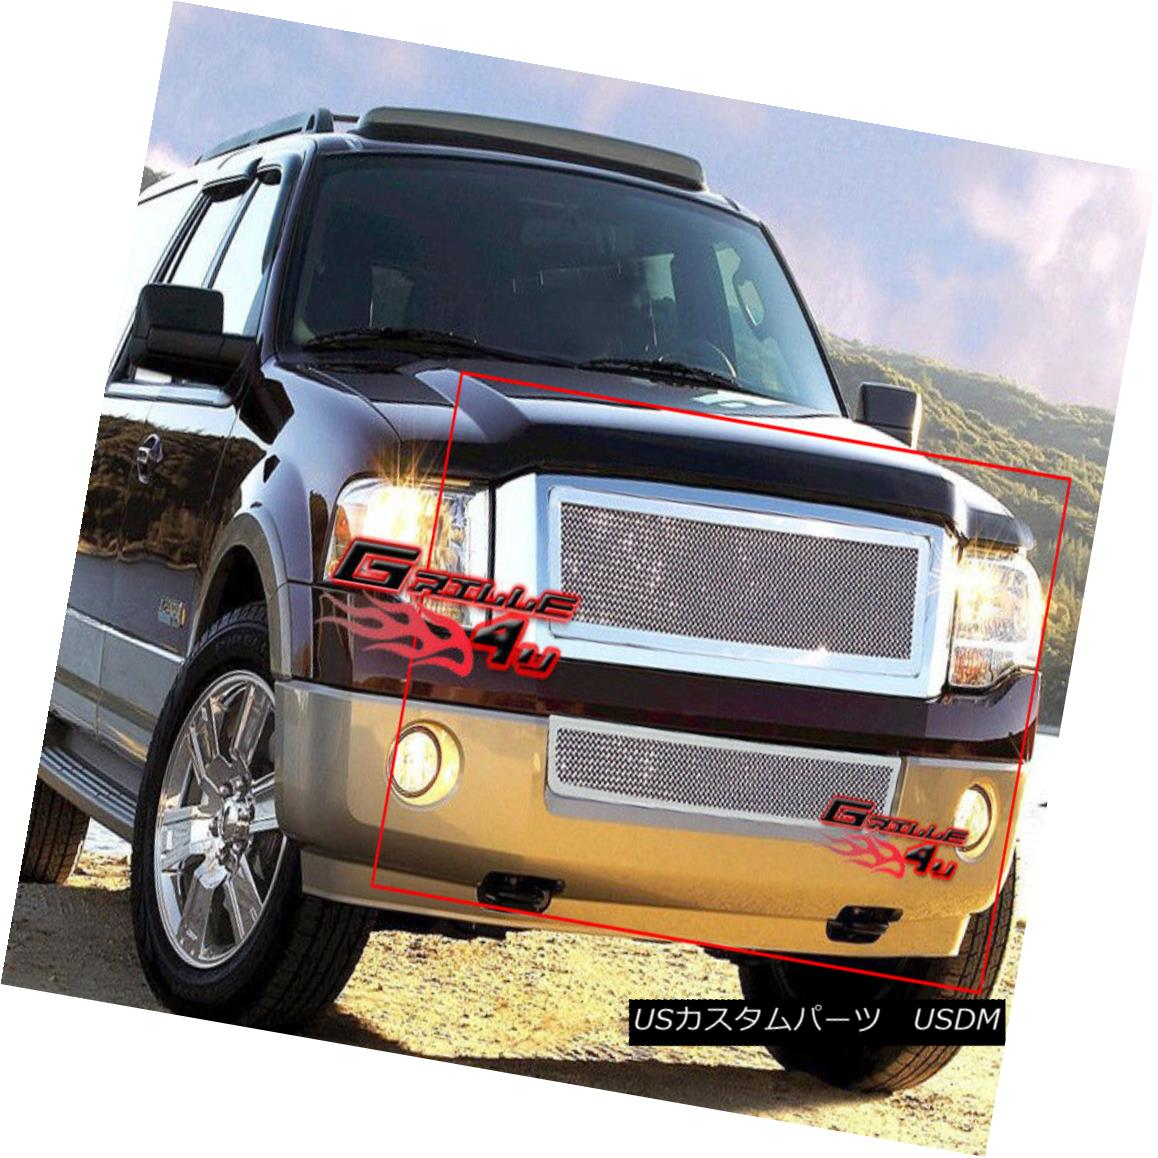 グリル For 07-14 2014 Ford Expedition Stainless Mesh Grille Combo 2014年7月14日、Ford Expeditionステンレスメッシュグリルコンボ